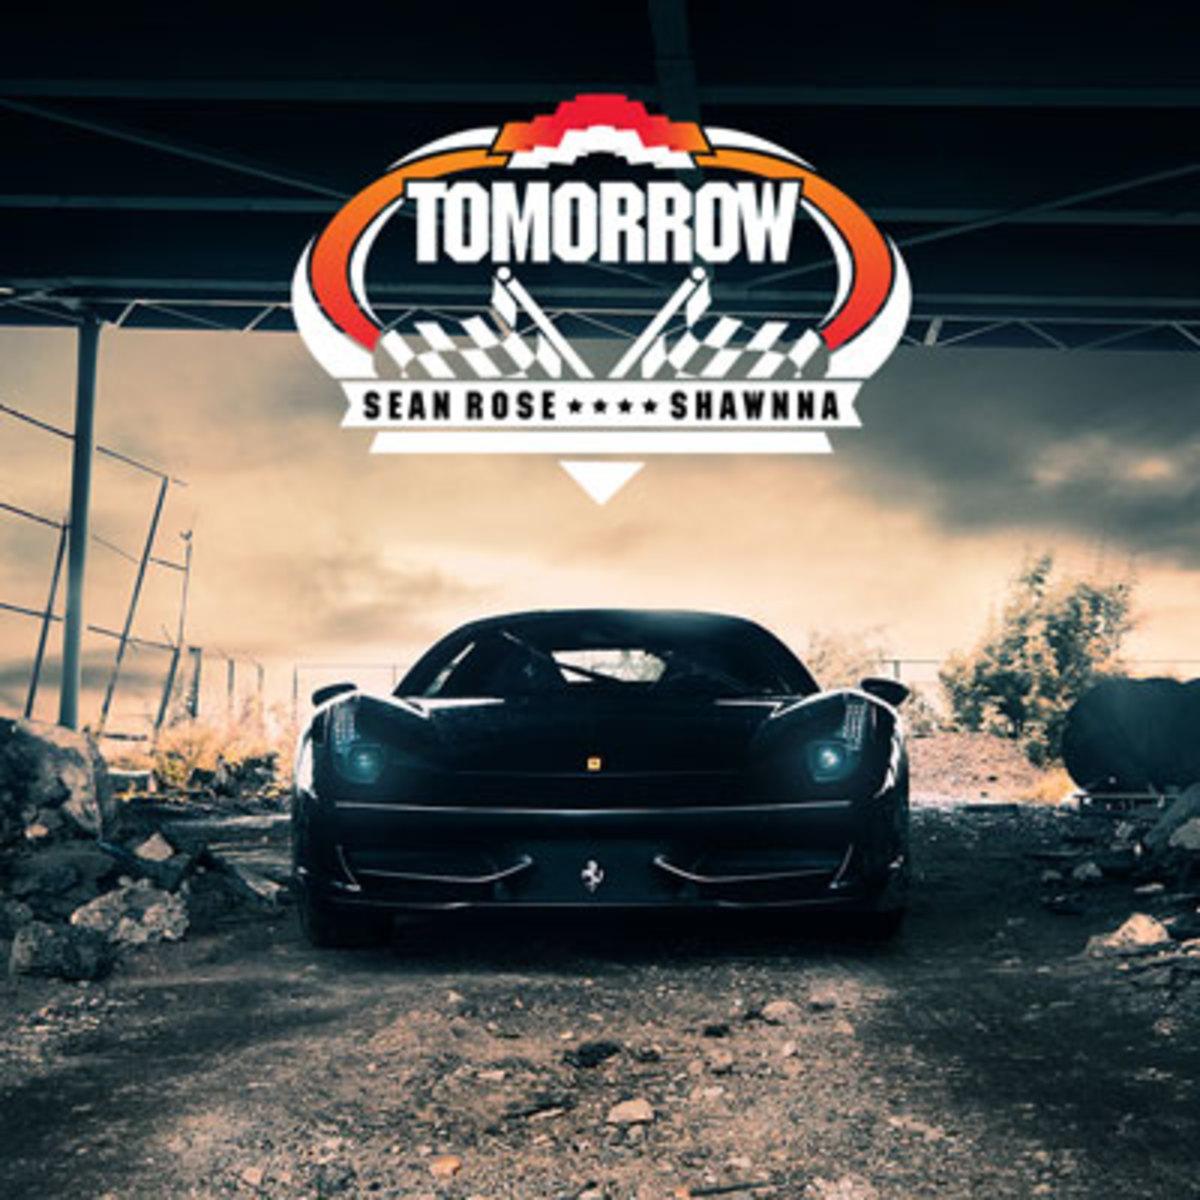 seanrose-tomorrow.jpg